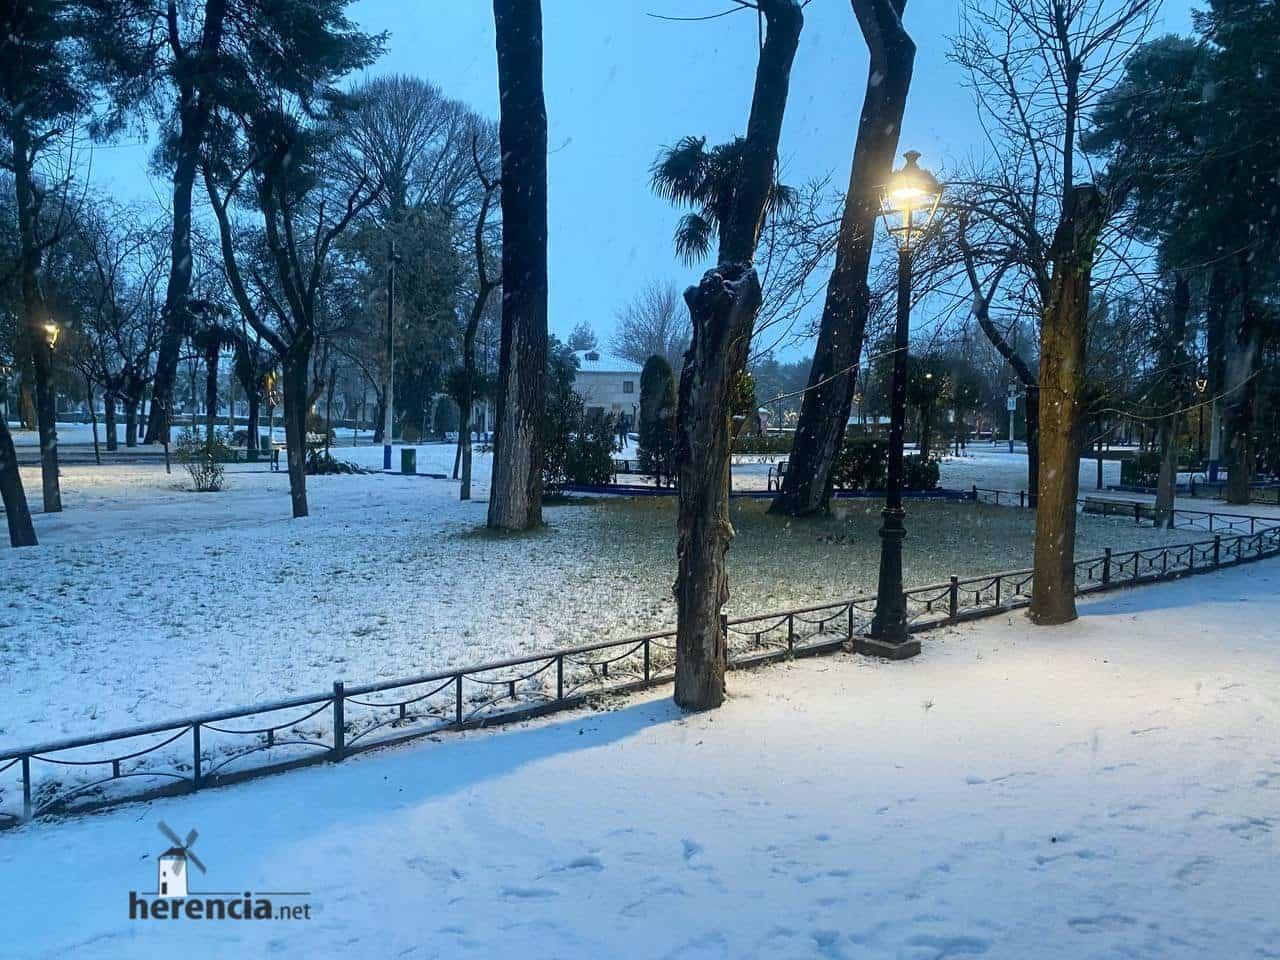 Más fotografías de las nieves de 2021 en Herencia 140